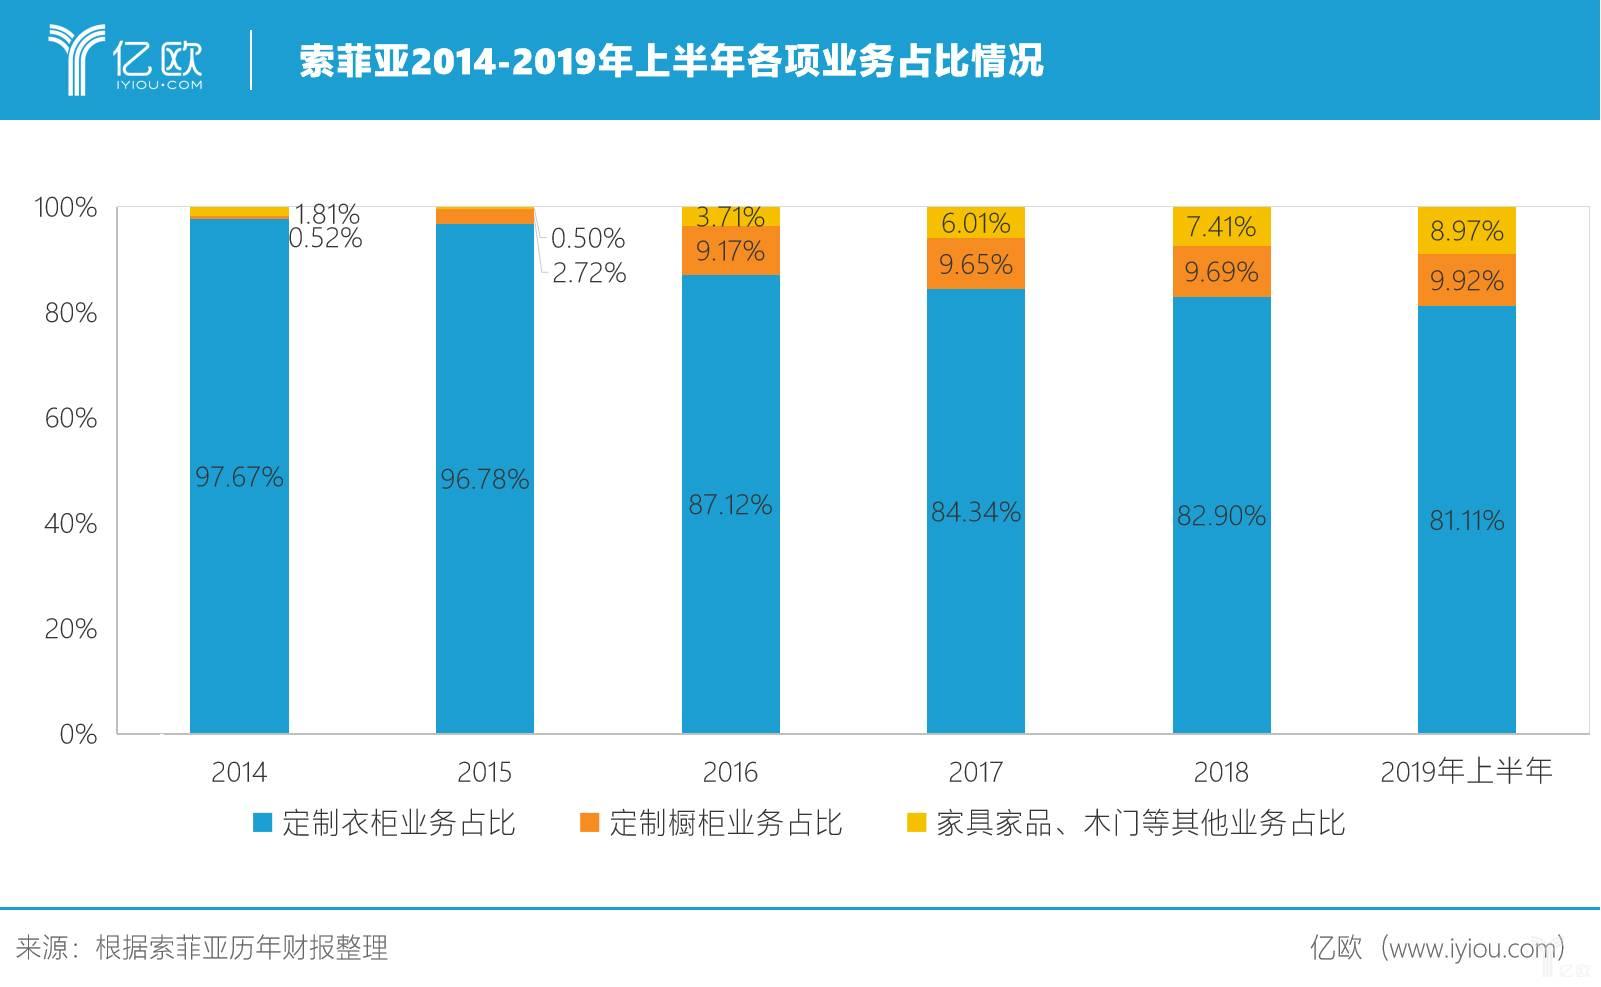 索菲亚2014-2019年上半年各项业务占比情况